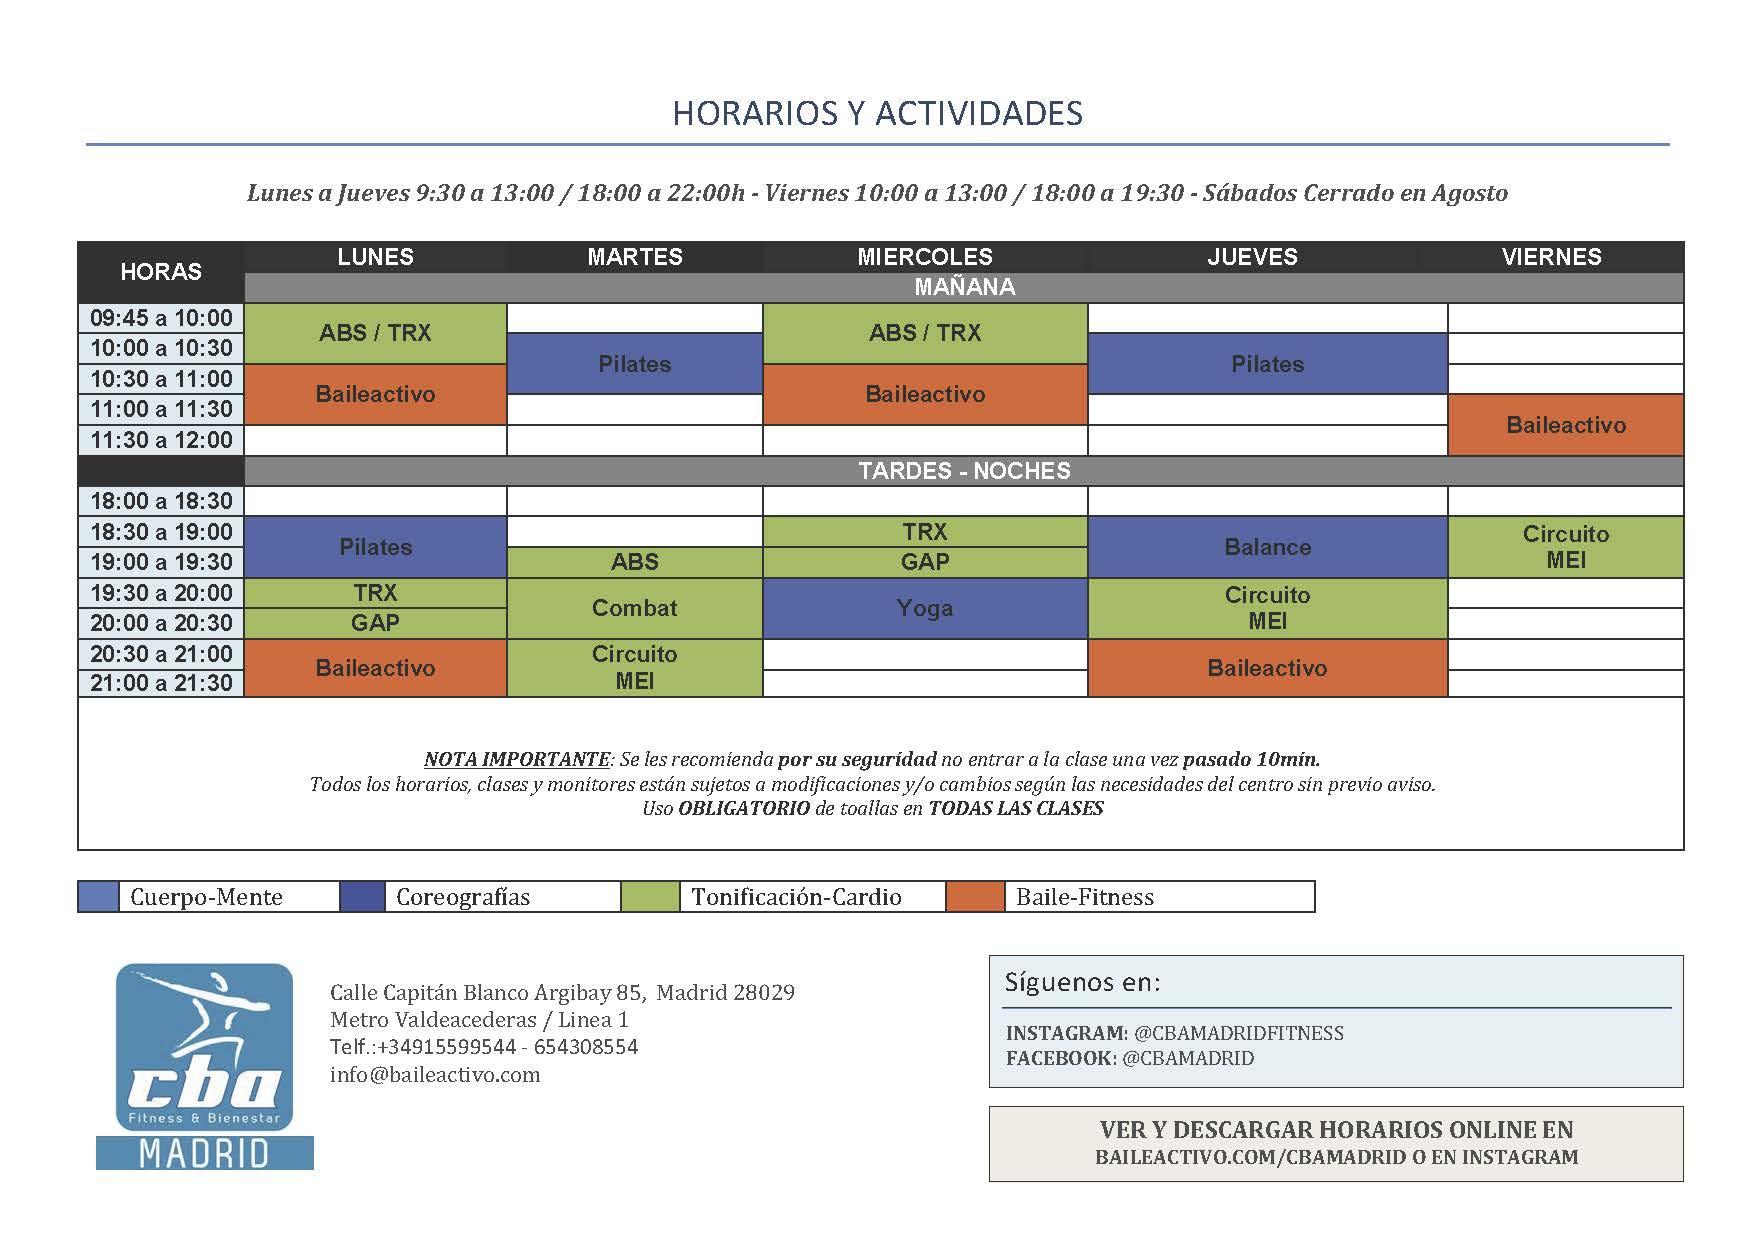 HORIAIOS ACTIVIDADES FITNESS   COLECTIVAS Y DIRIGIDAS